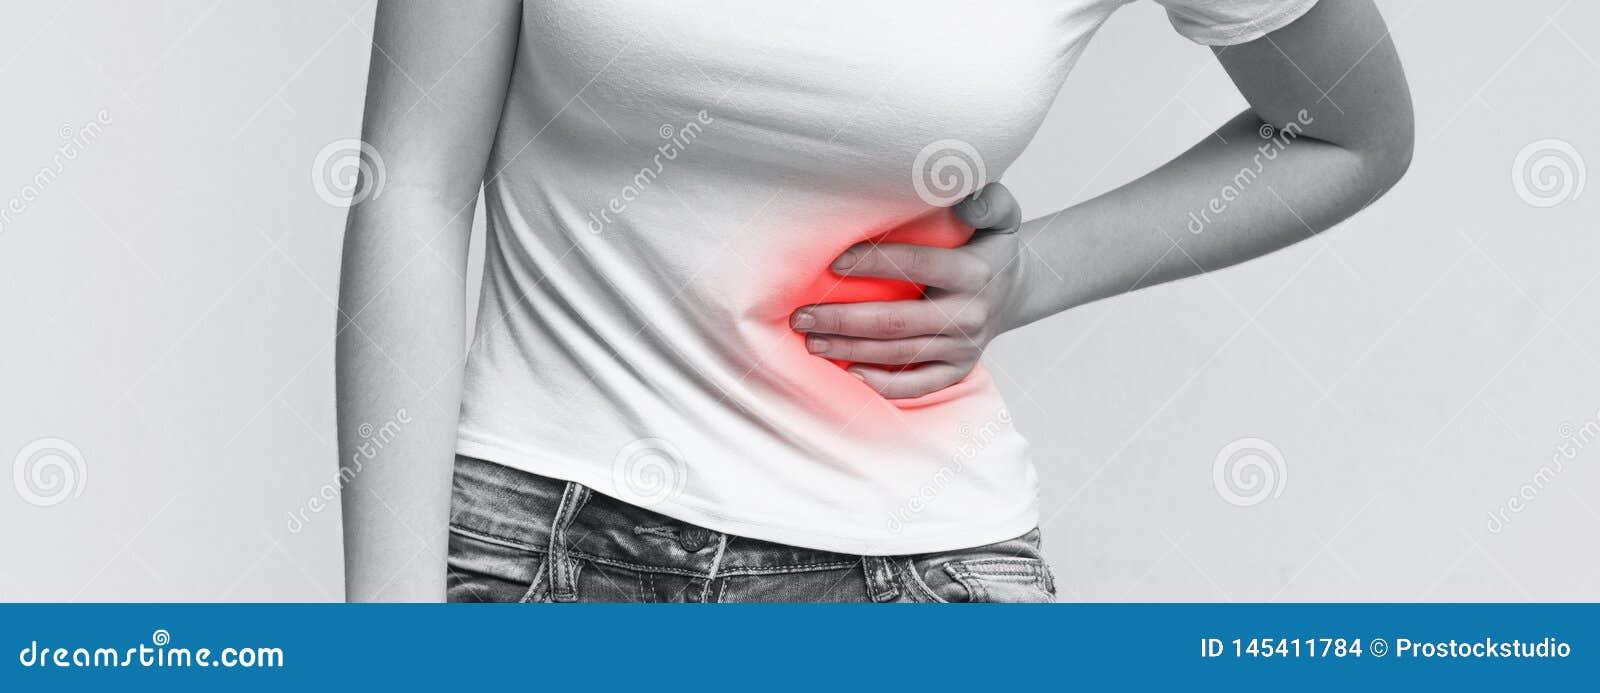 dolor fuerte abdomen izquierdo